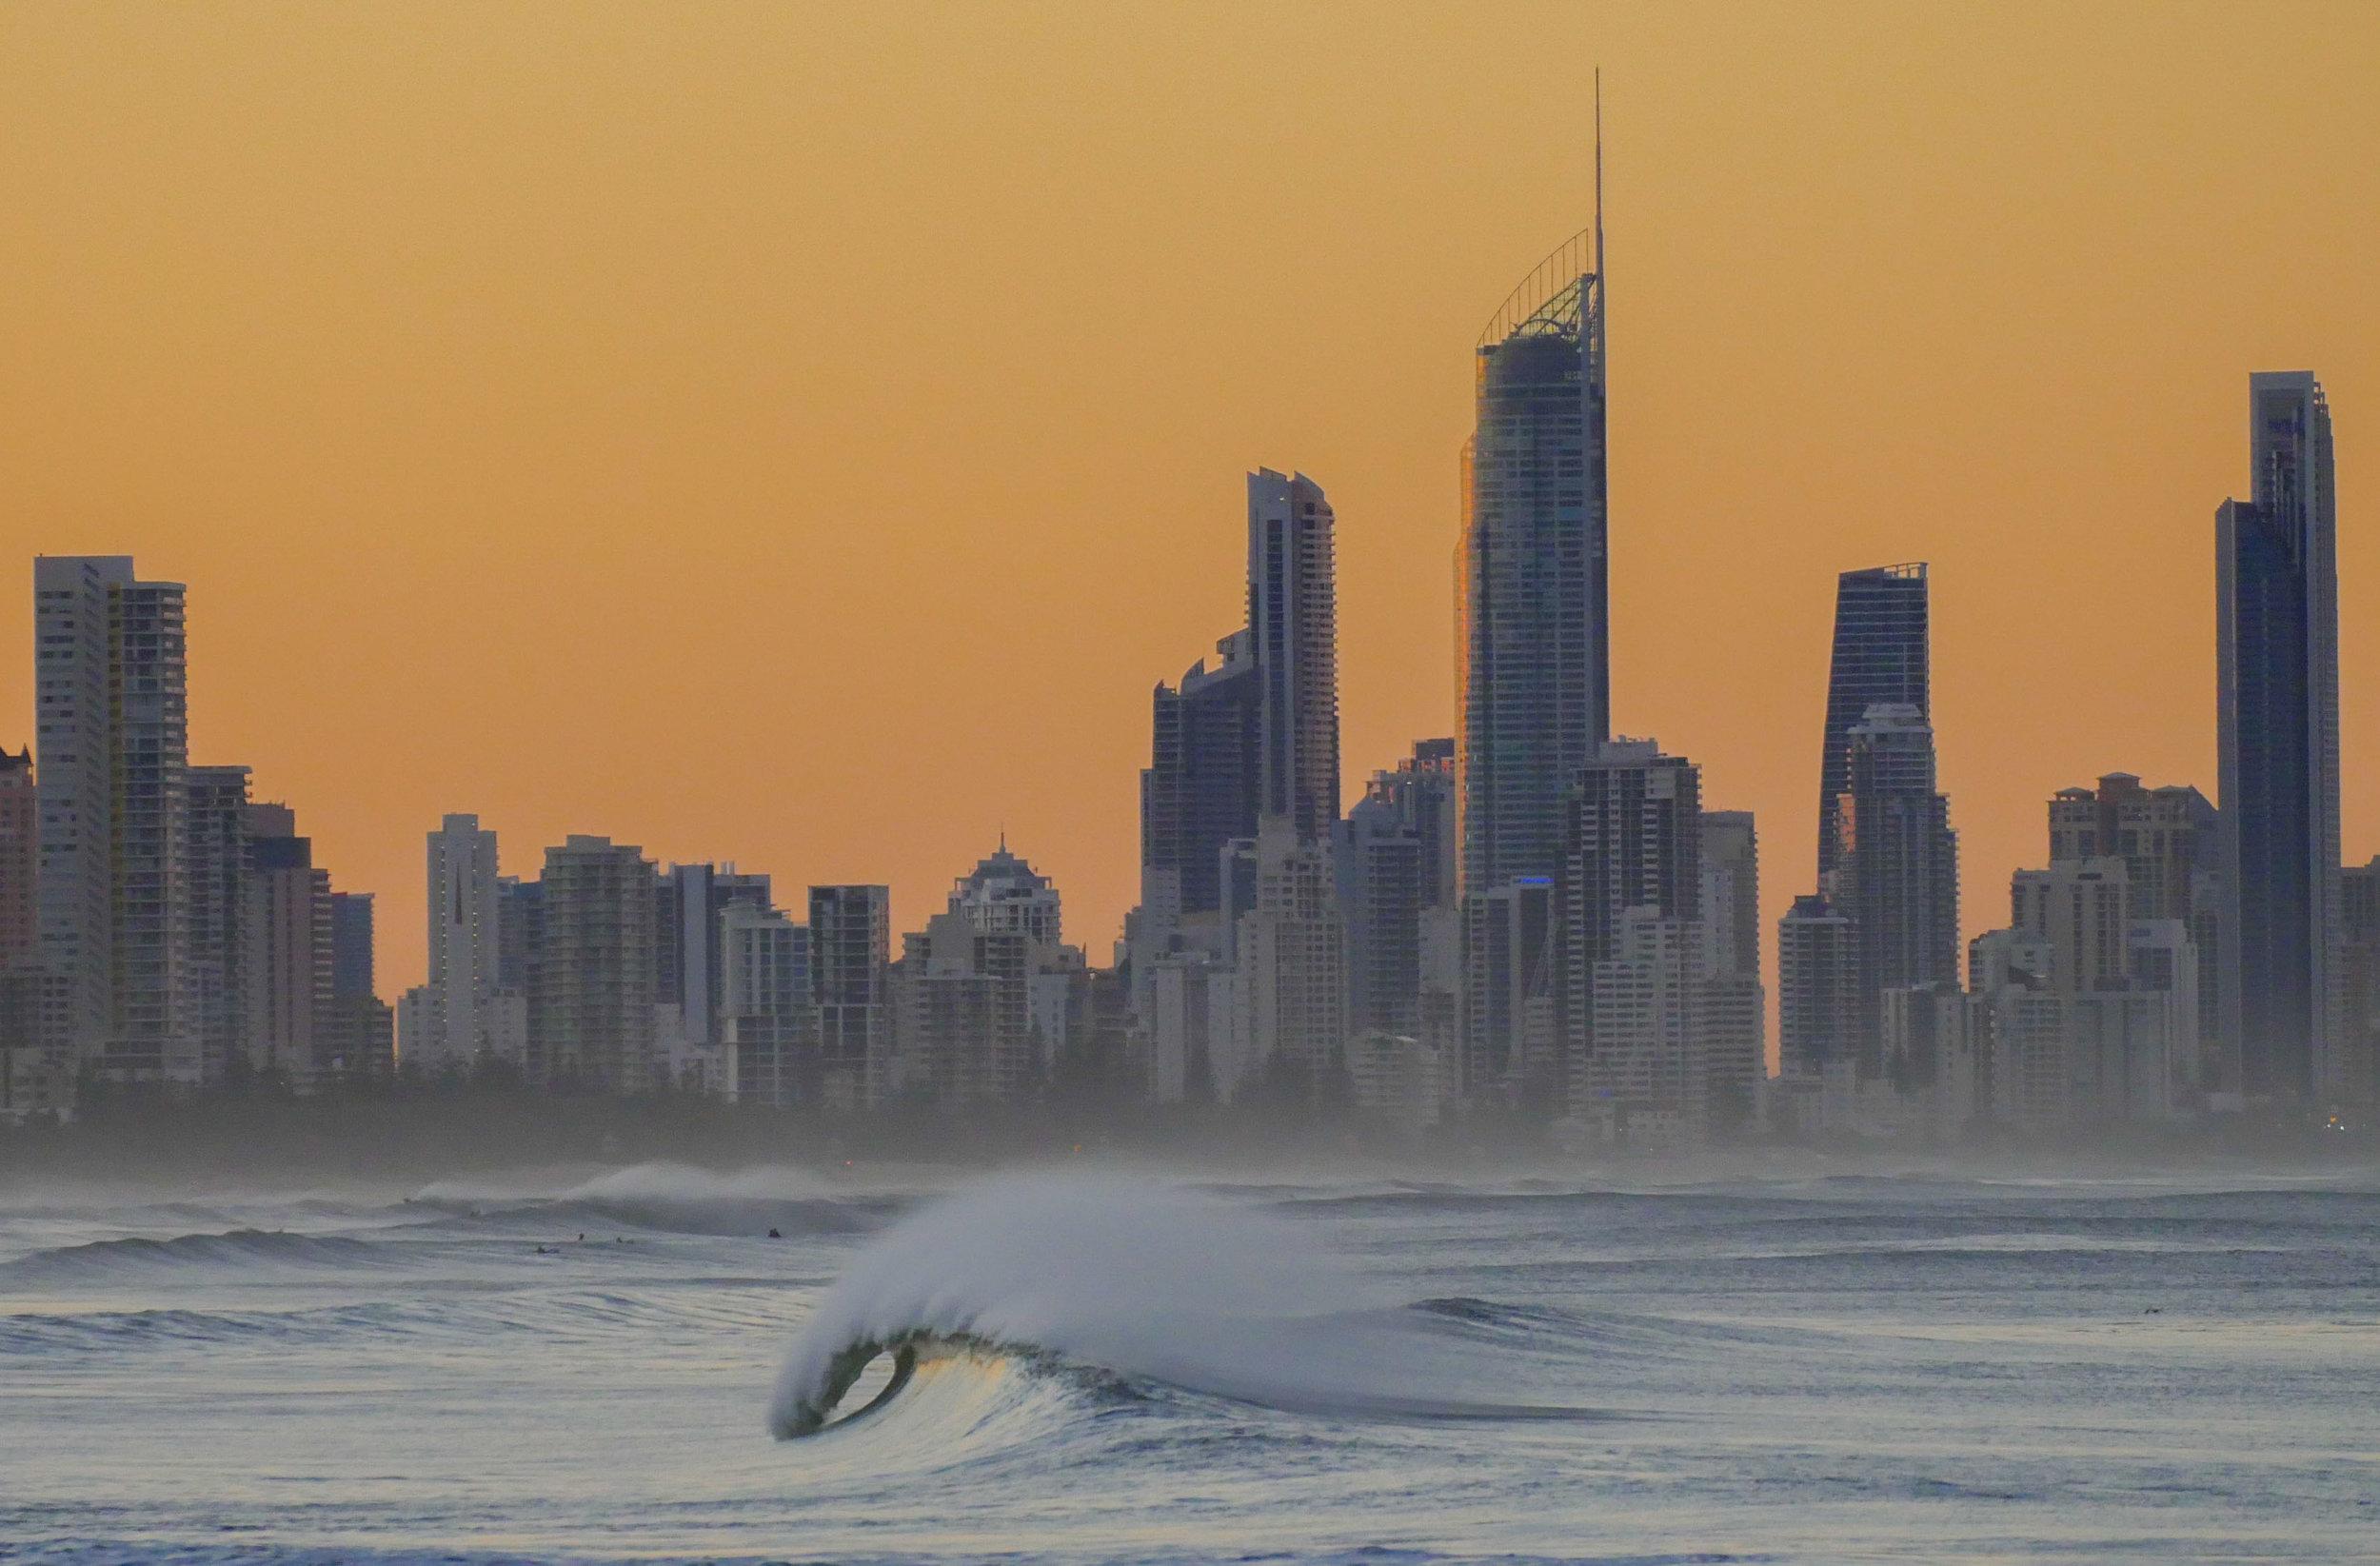 Gold Coast Skyline with amazing surf